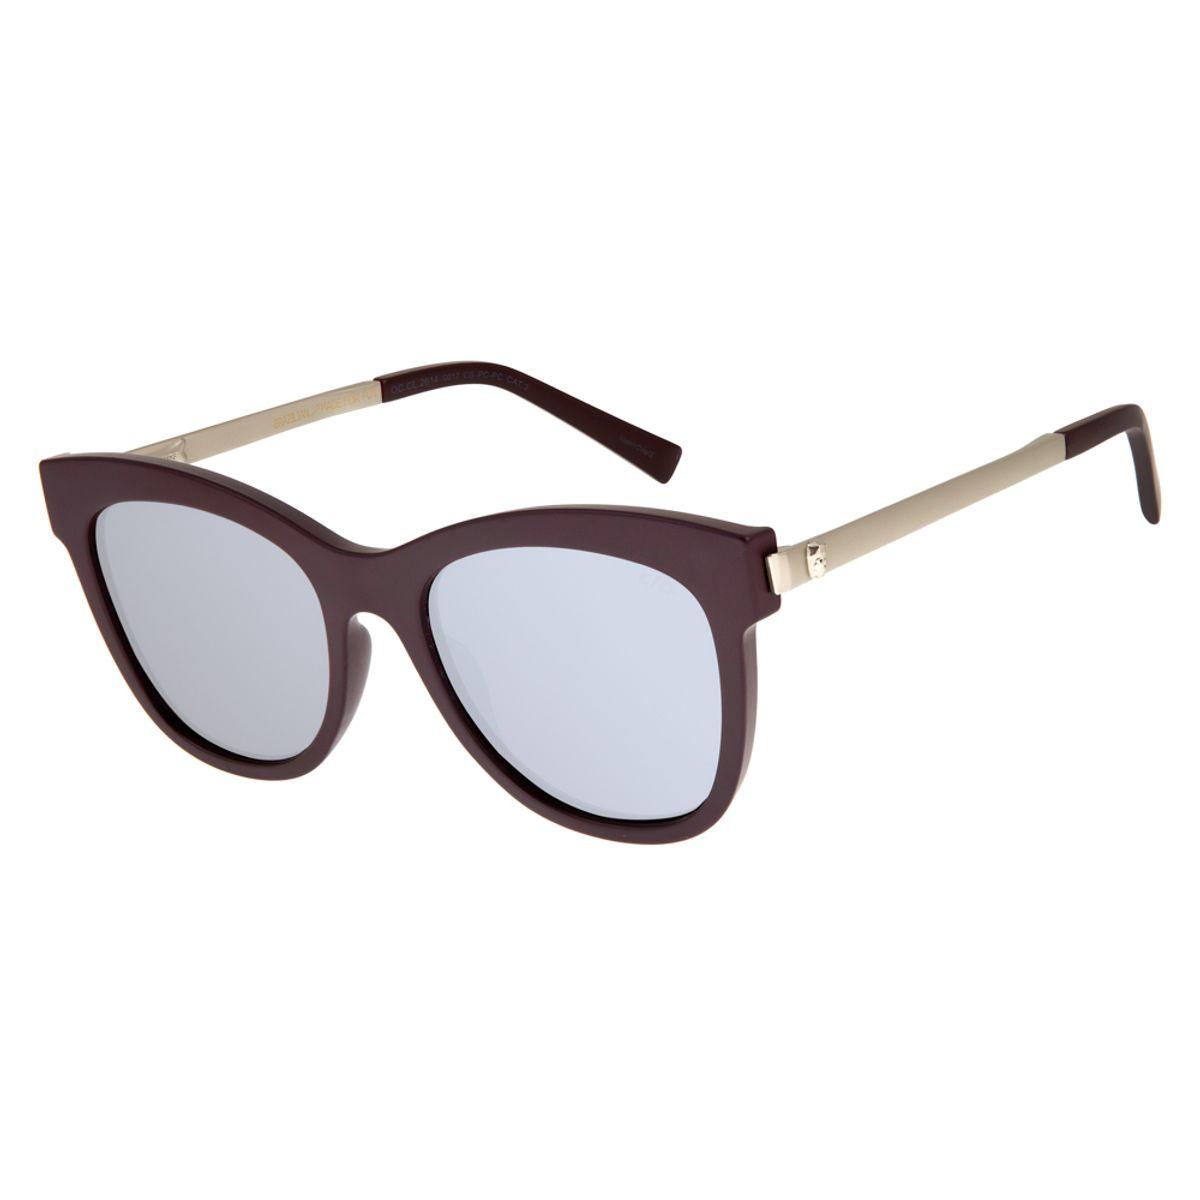 018af114e Óculos de Sol Feminino Chilli Beans Vinho 2614 - OC.CL.2614.0017 M. REF:  OC.CL.2614.0017. OC.